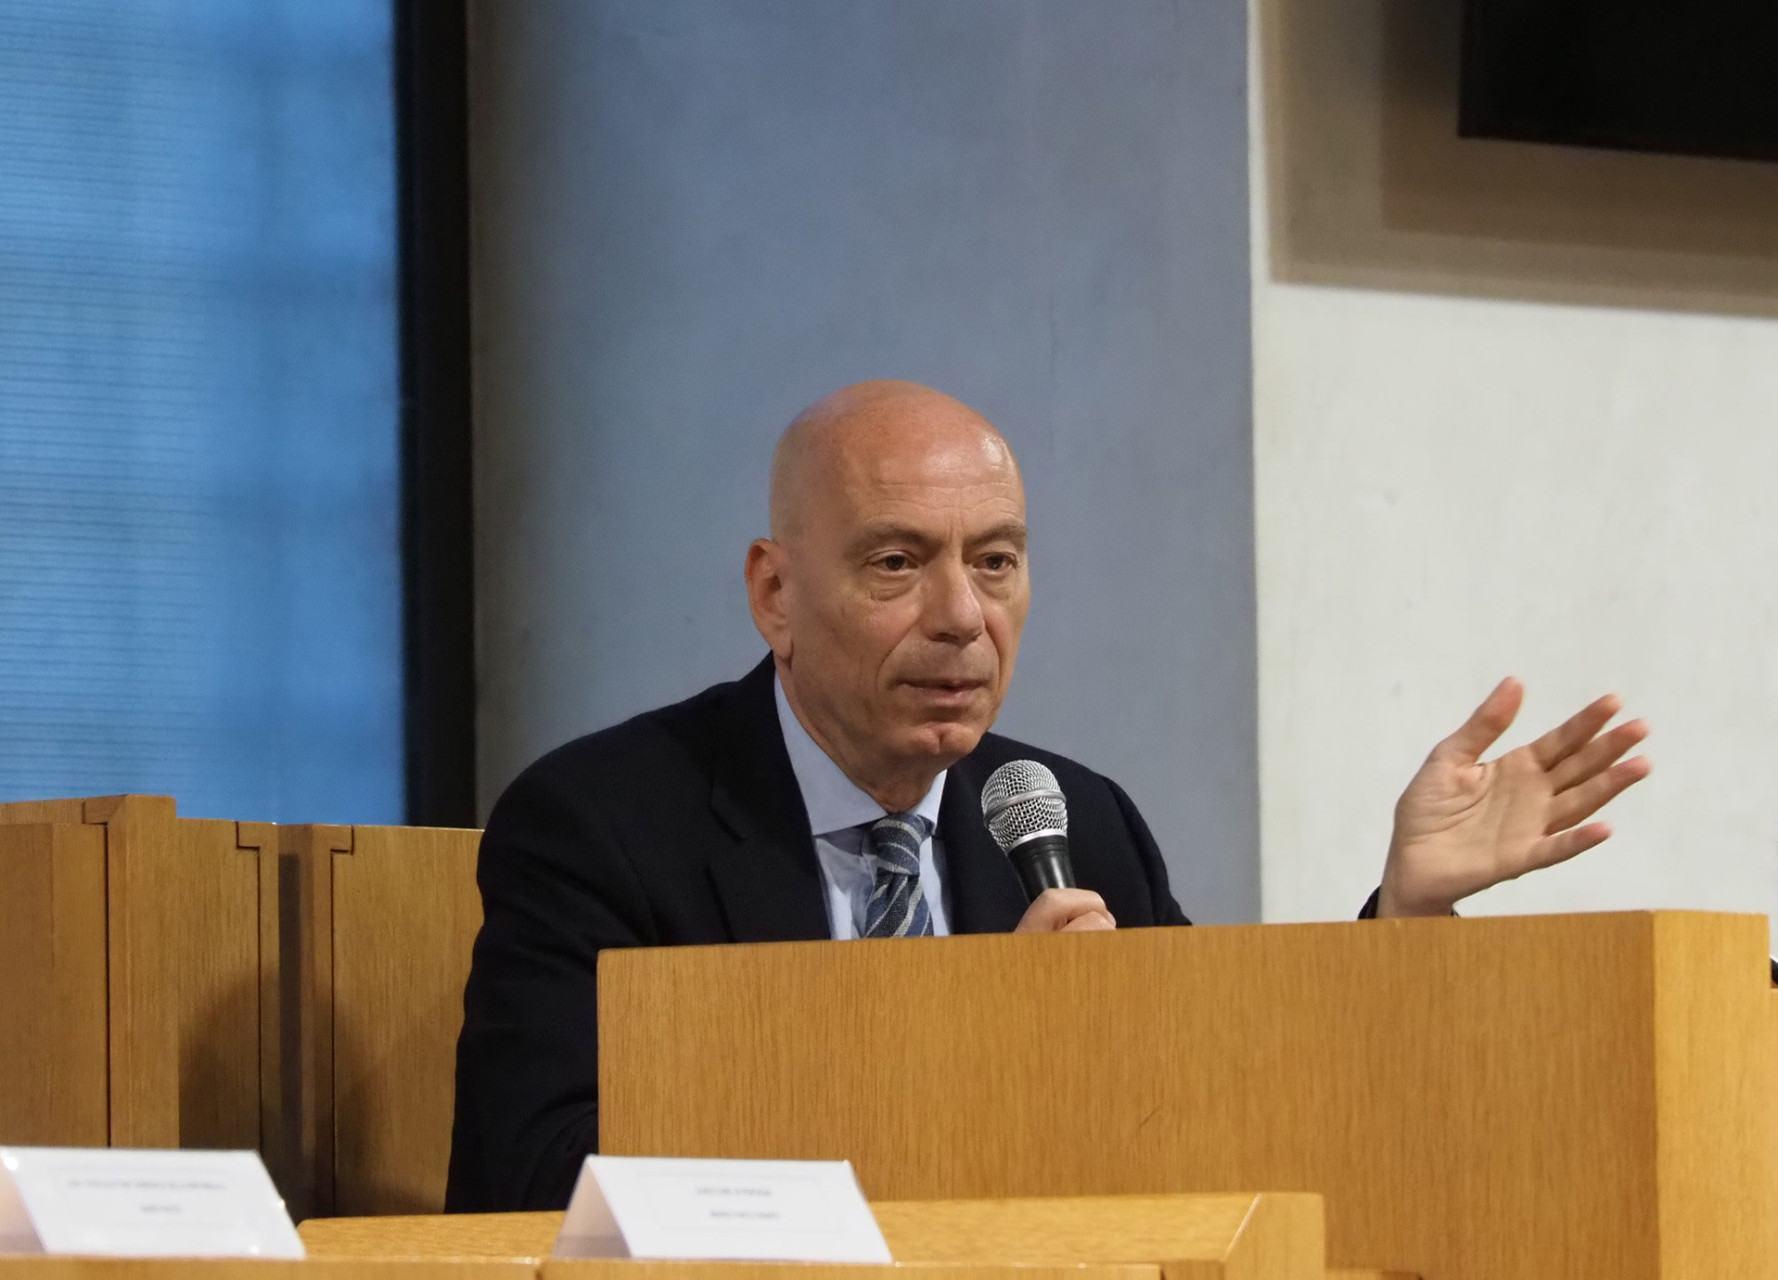 Procuratore Cardella, Umbria sana, ma infiltrazioni possono arrivare [Foto video]